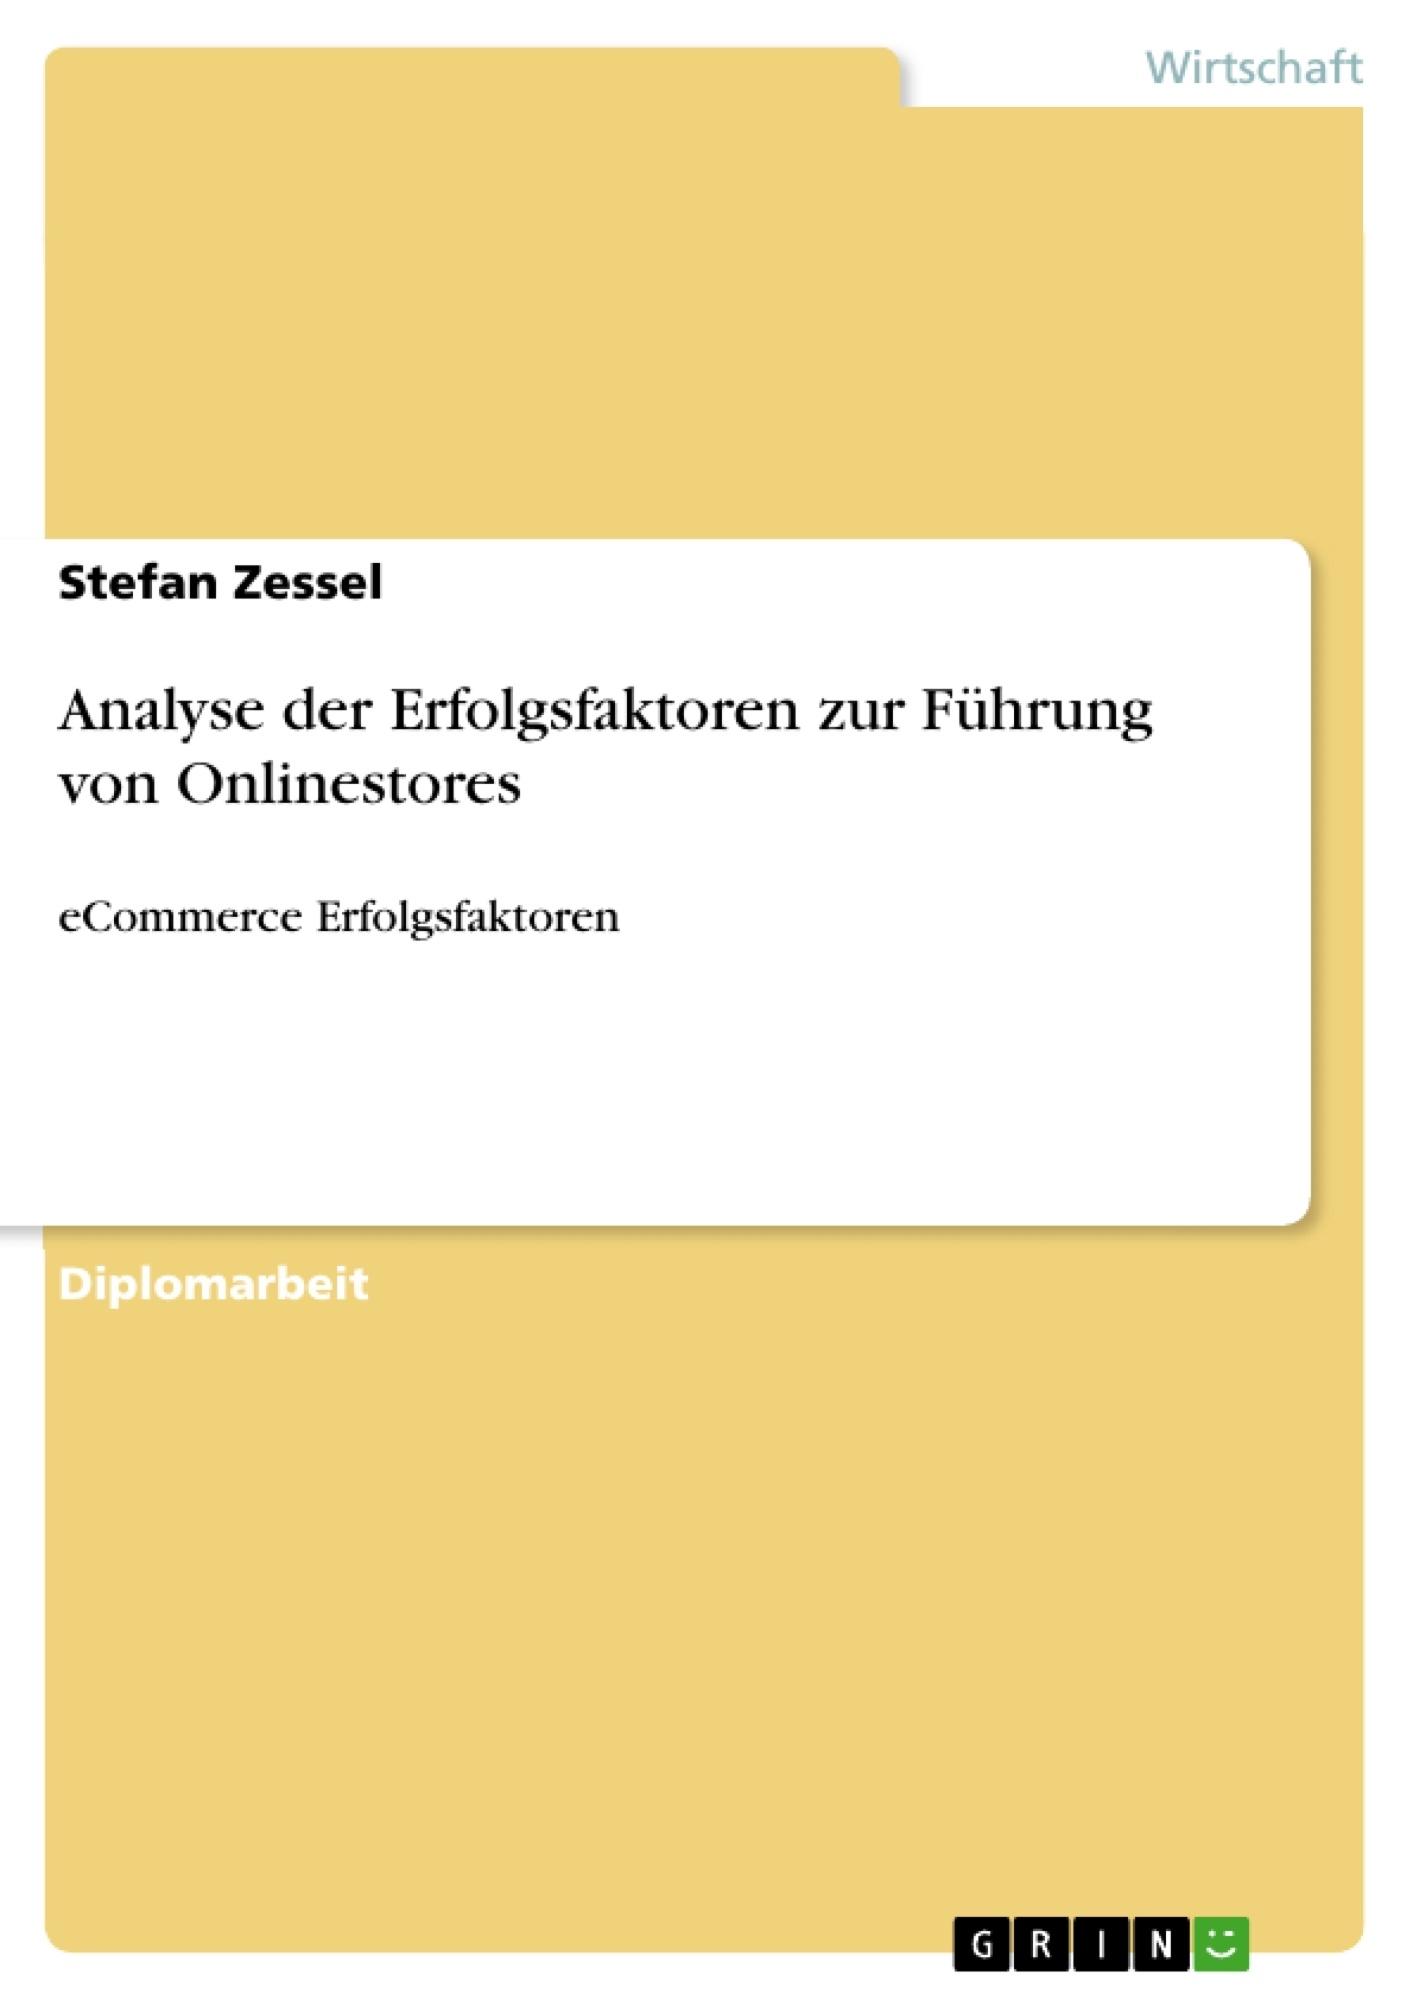 Titel: Analyse der Erfolgsfaktoren zur Führung von Onlinestores